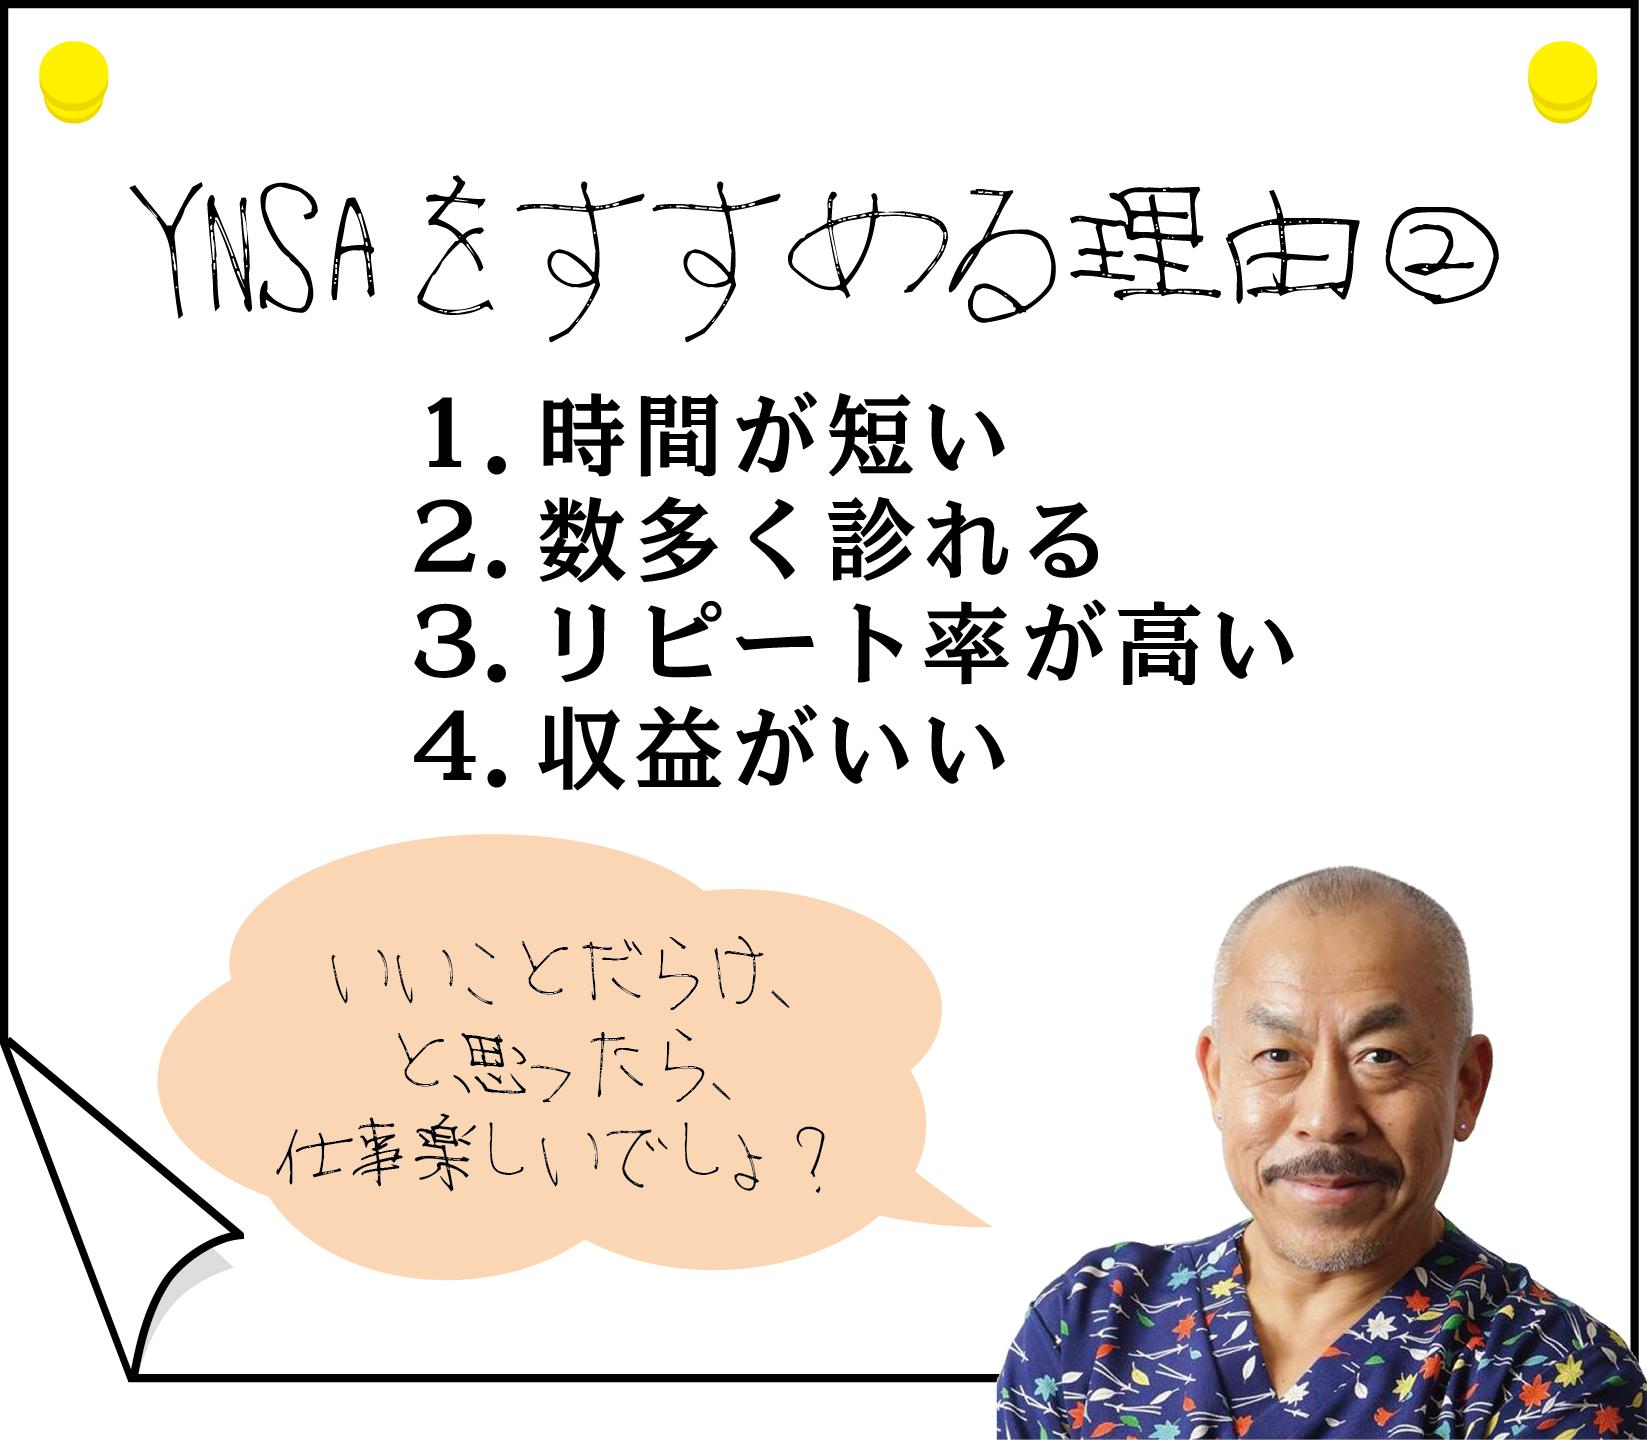 なぜ、YNSA頭鍼療法がいいのか?②